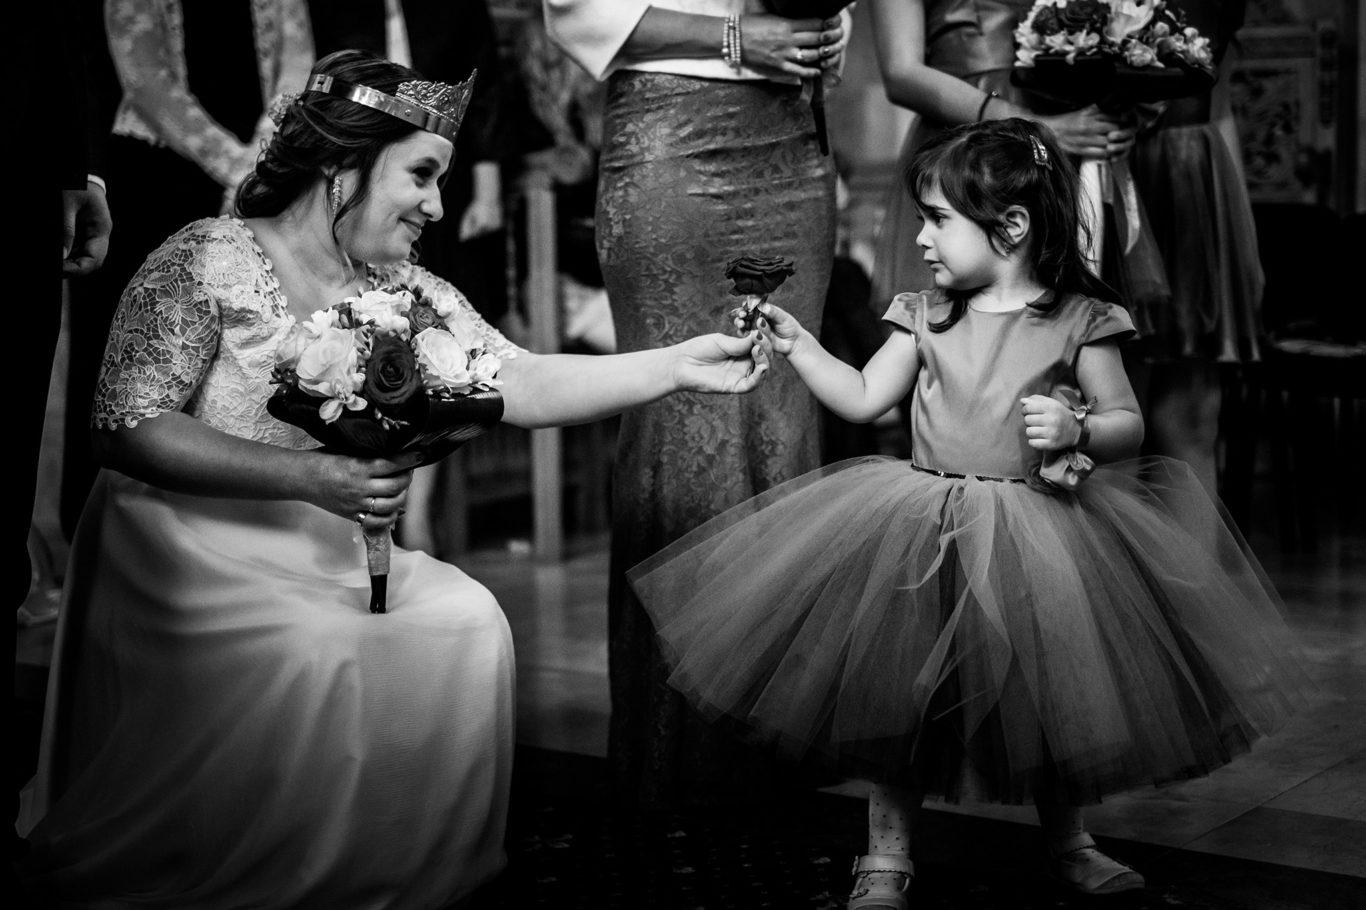 0141-Fotografie-nunta-Flory-Cristi-fotograf-Ciprian-Dumitrescu-DSCF7804